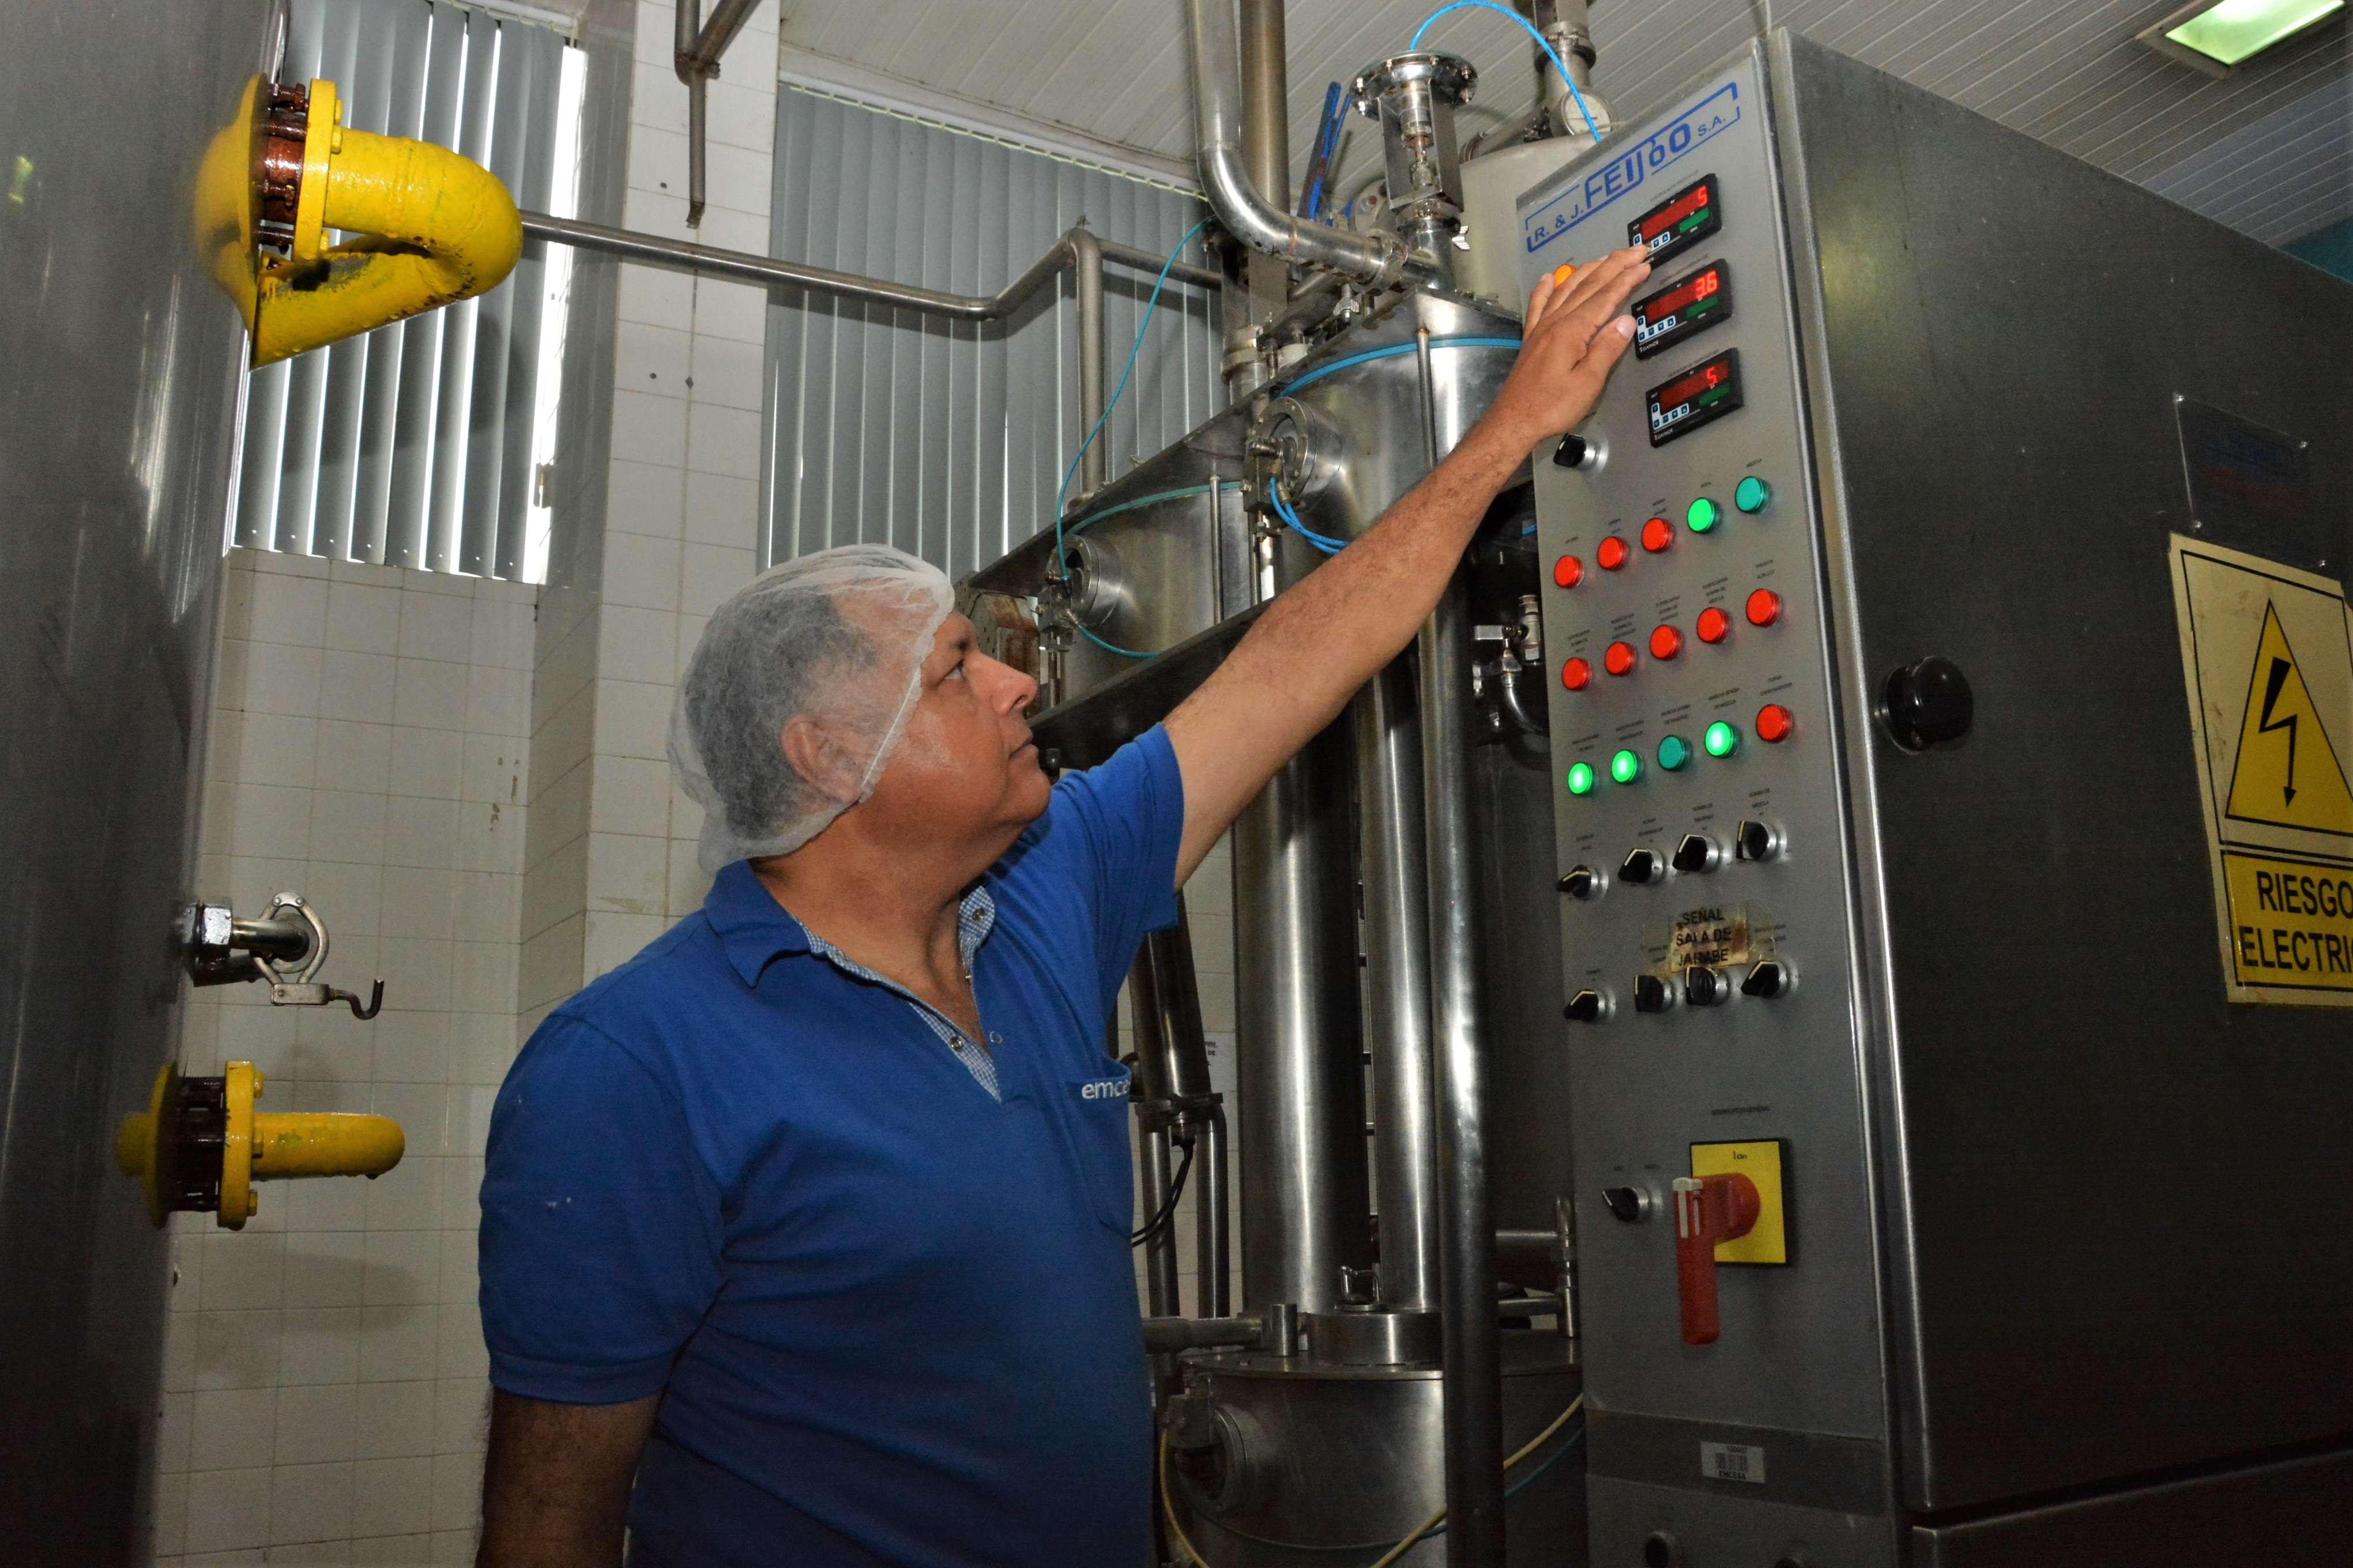 Roberto Rolón, dándole sabor hace 33 años a las bebidas de EMCESA